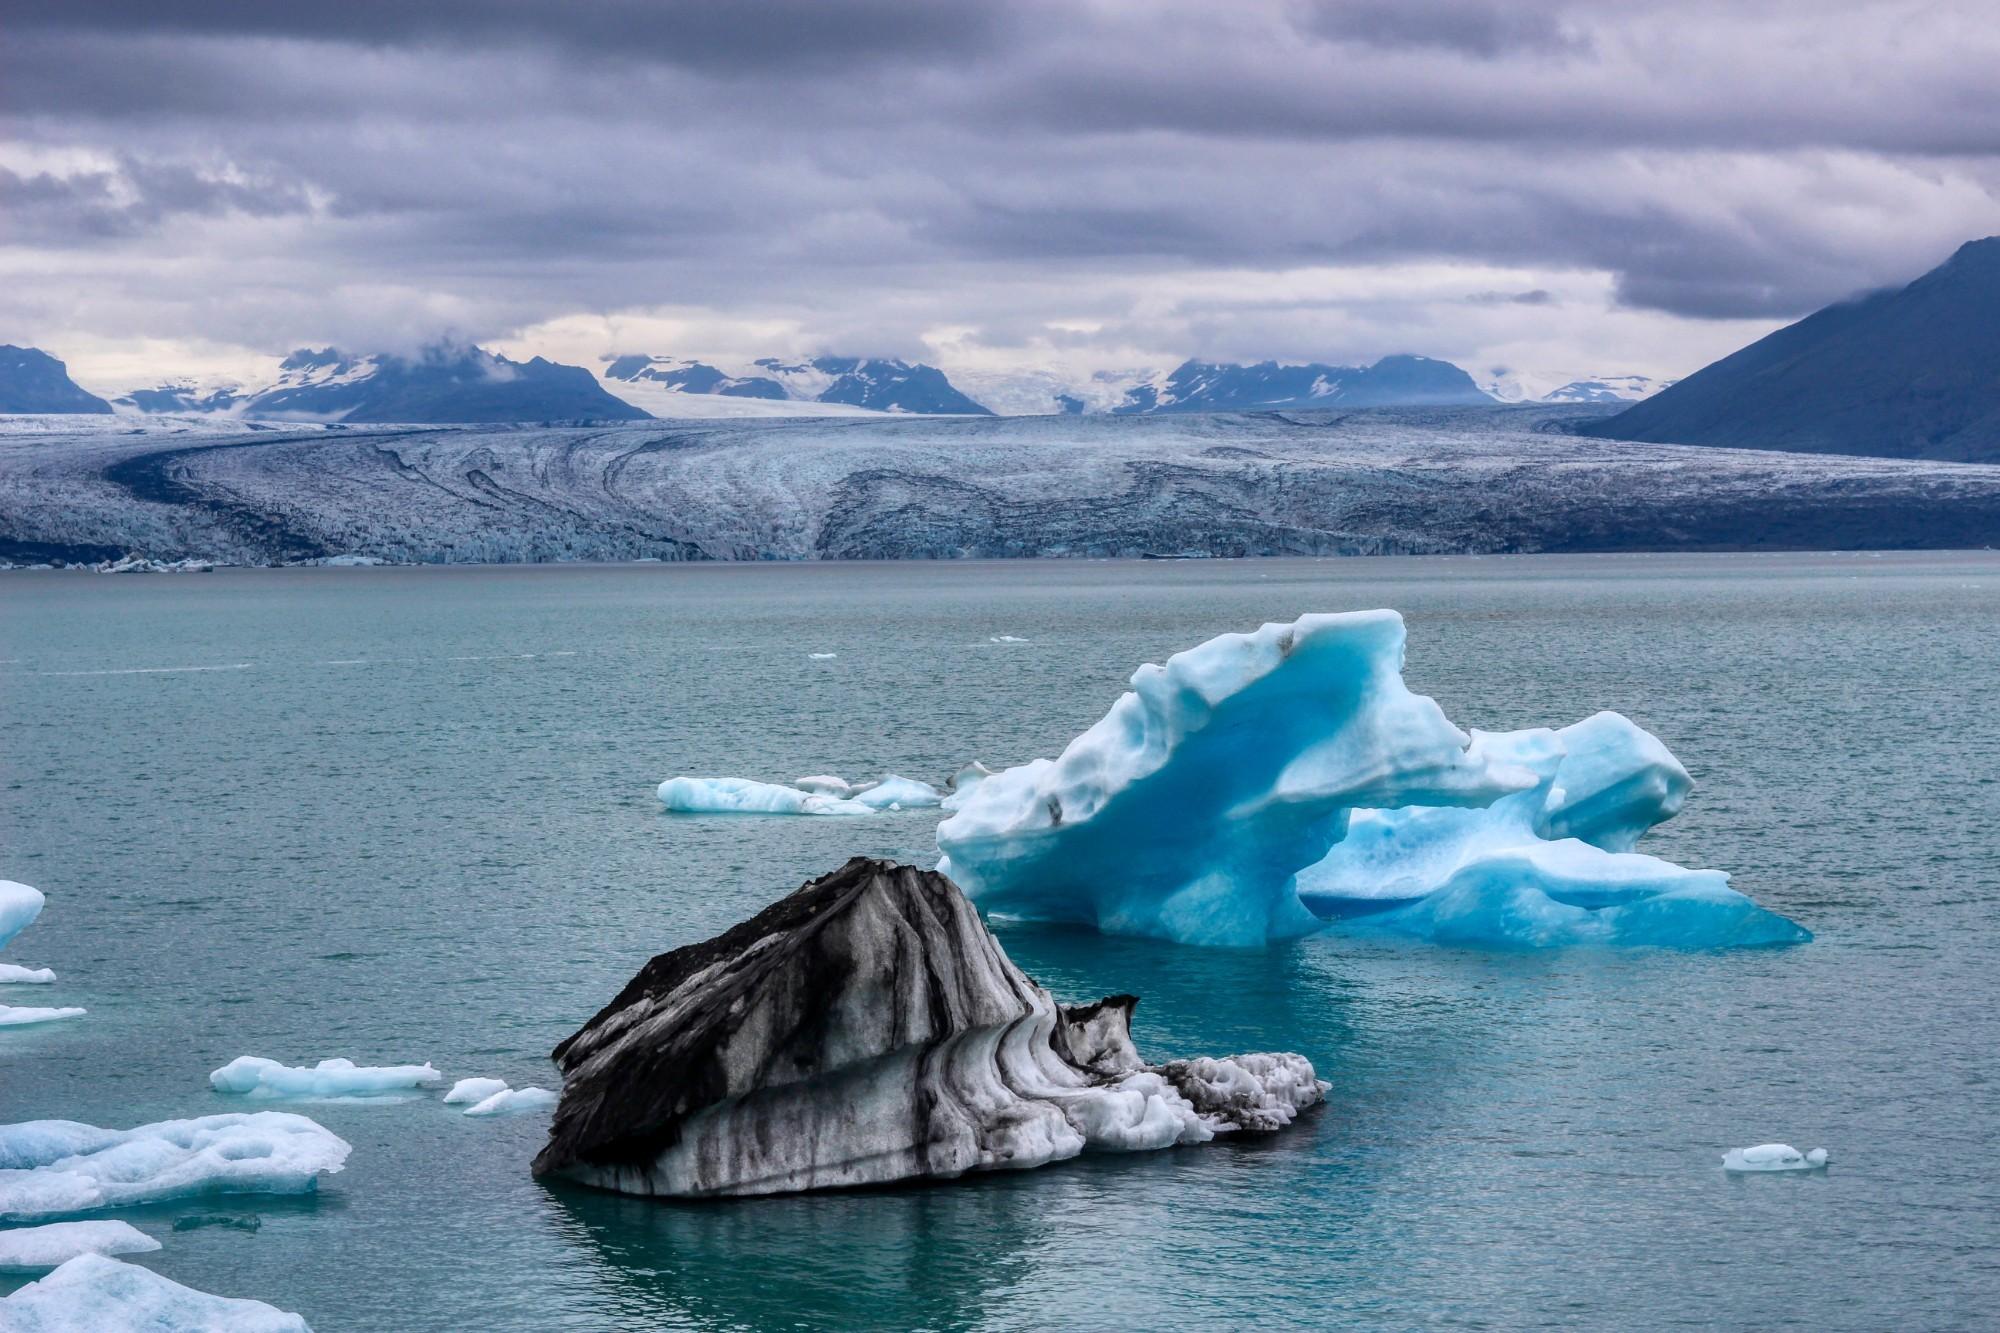 полностью исландия картинки с описанием выпускались